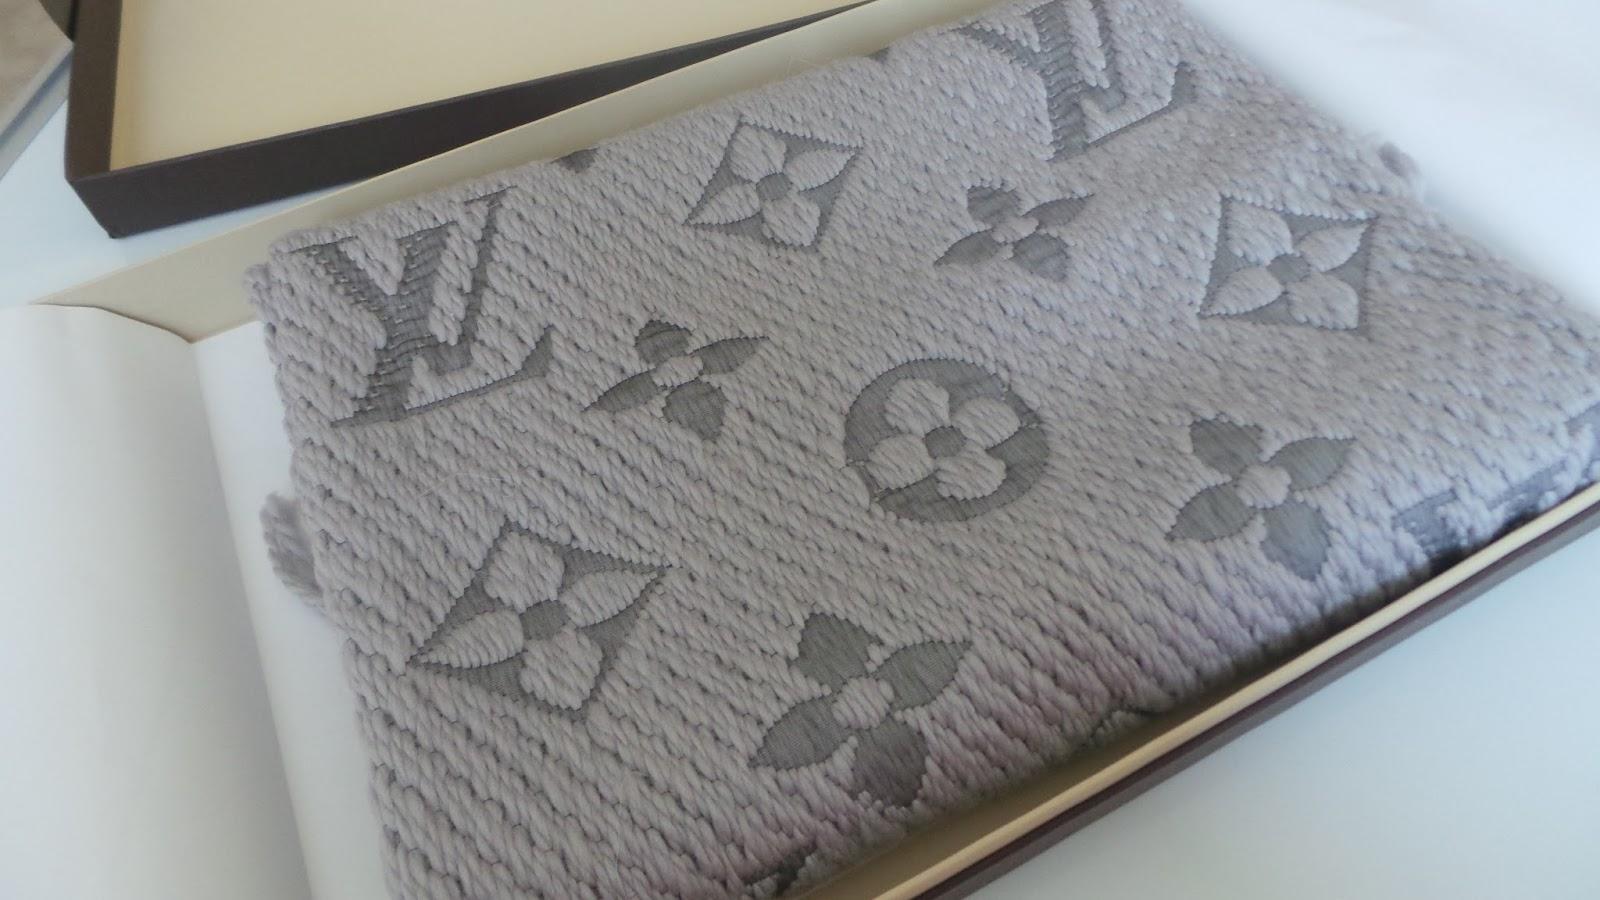 Louis Vuitton IconMania scarf